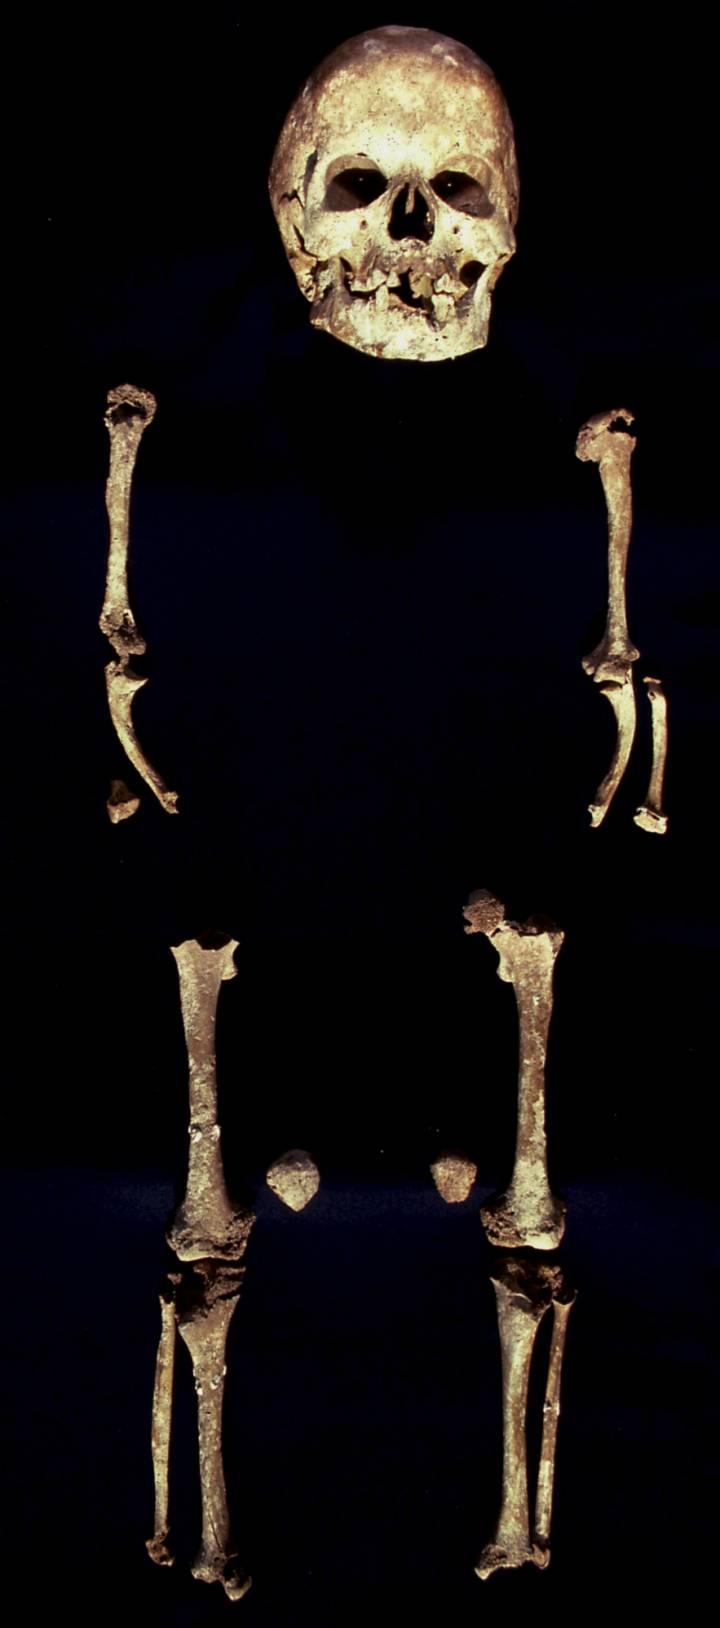 Displasia acromesomélica de Romito 2 (Romito, Italia). Foto: David Frayer.